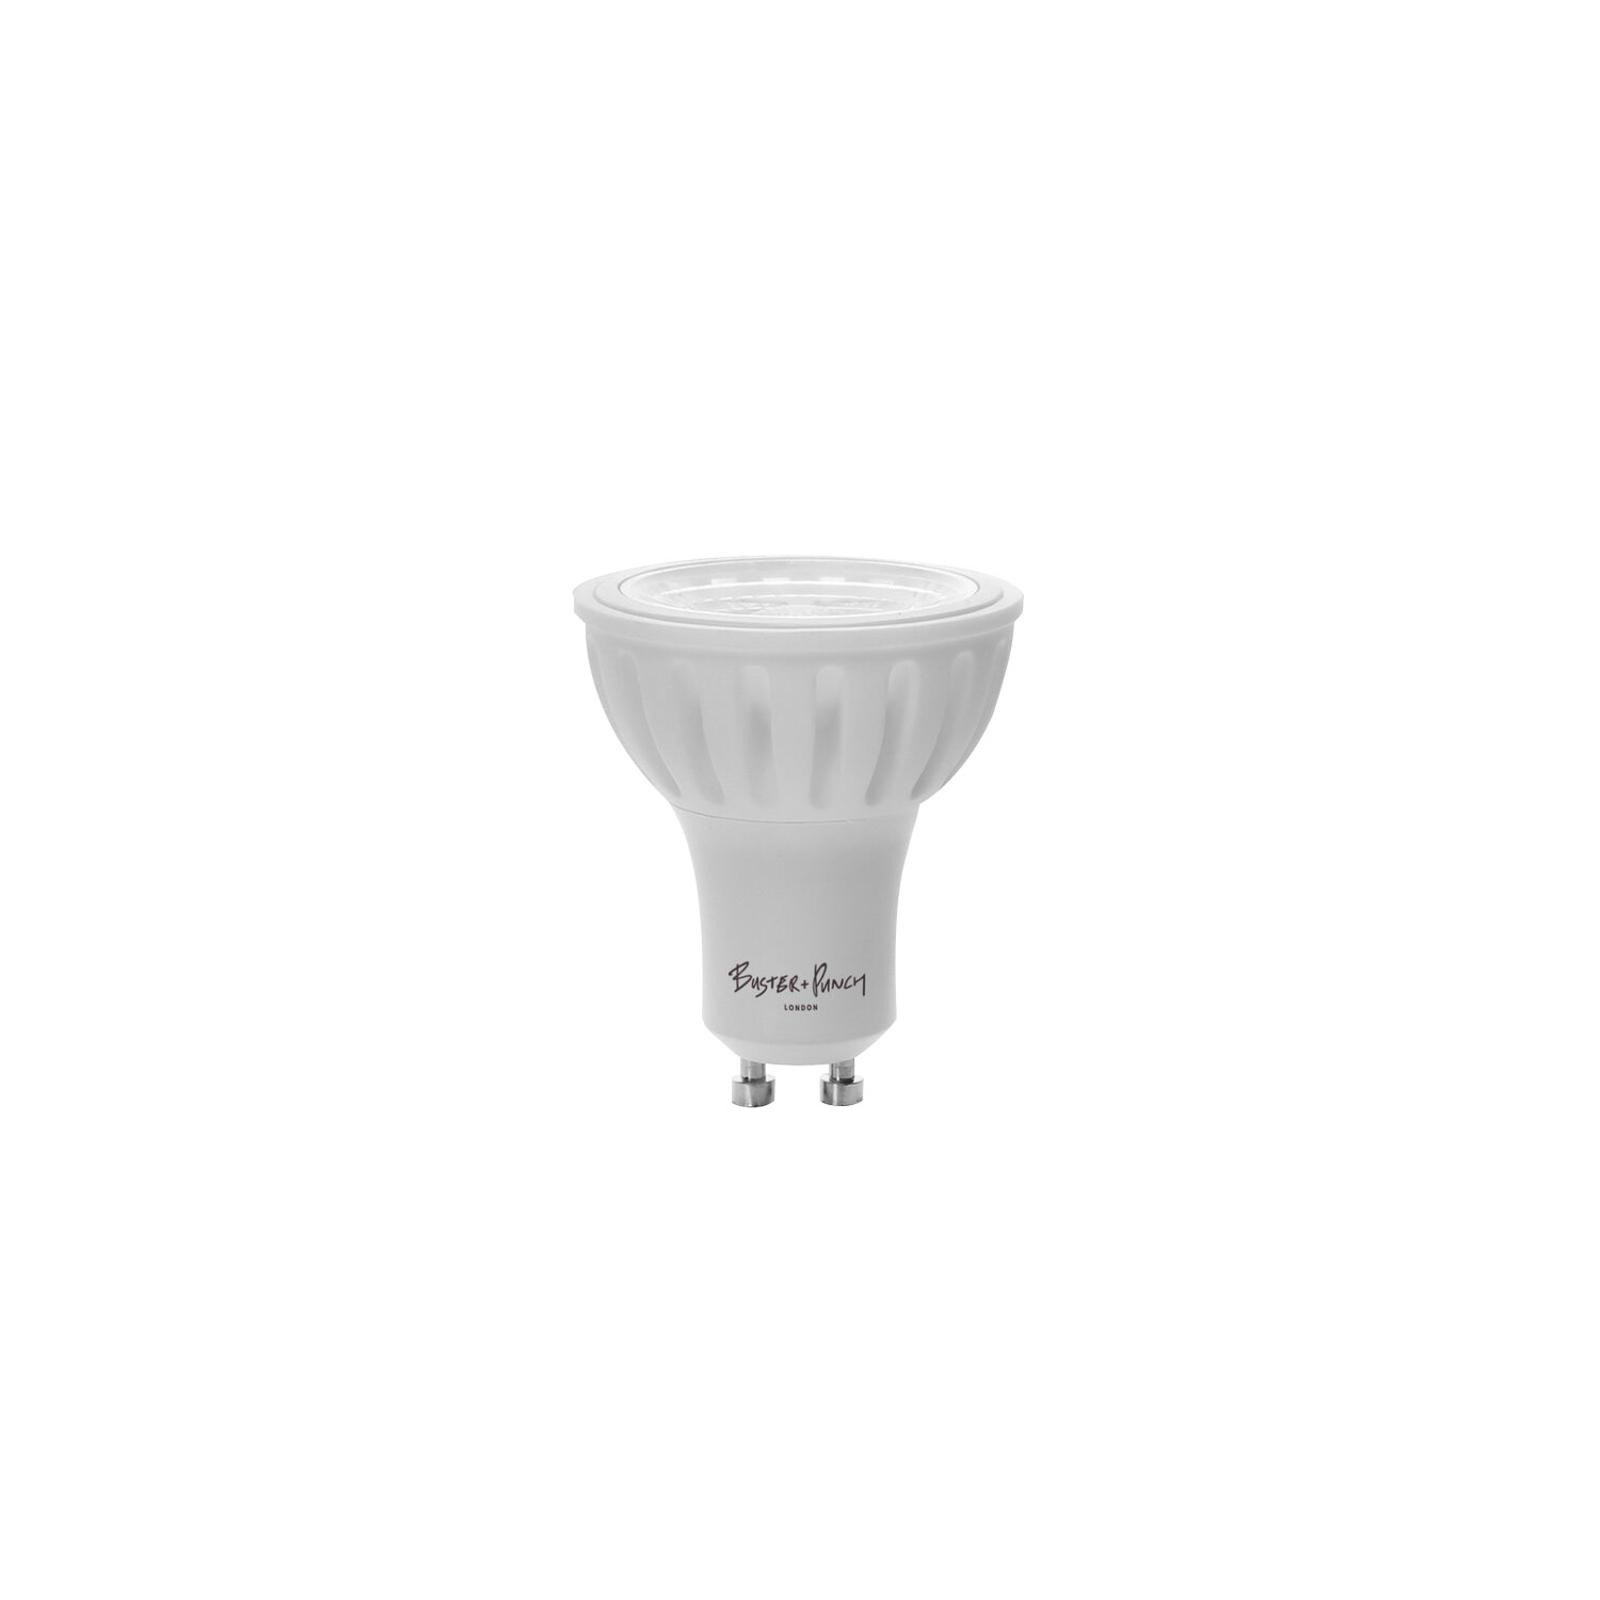 Buster + Punch LED-Reflektor GU10 7W dim 2.700K 3x